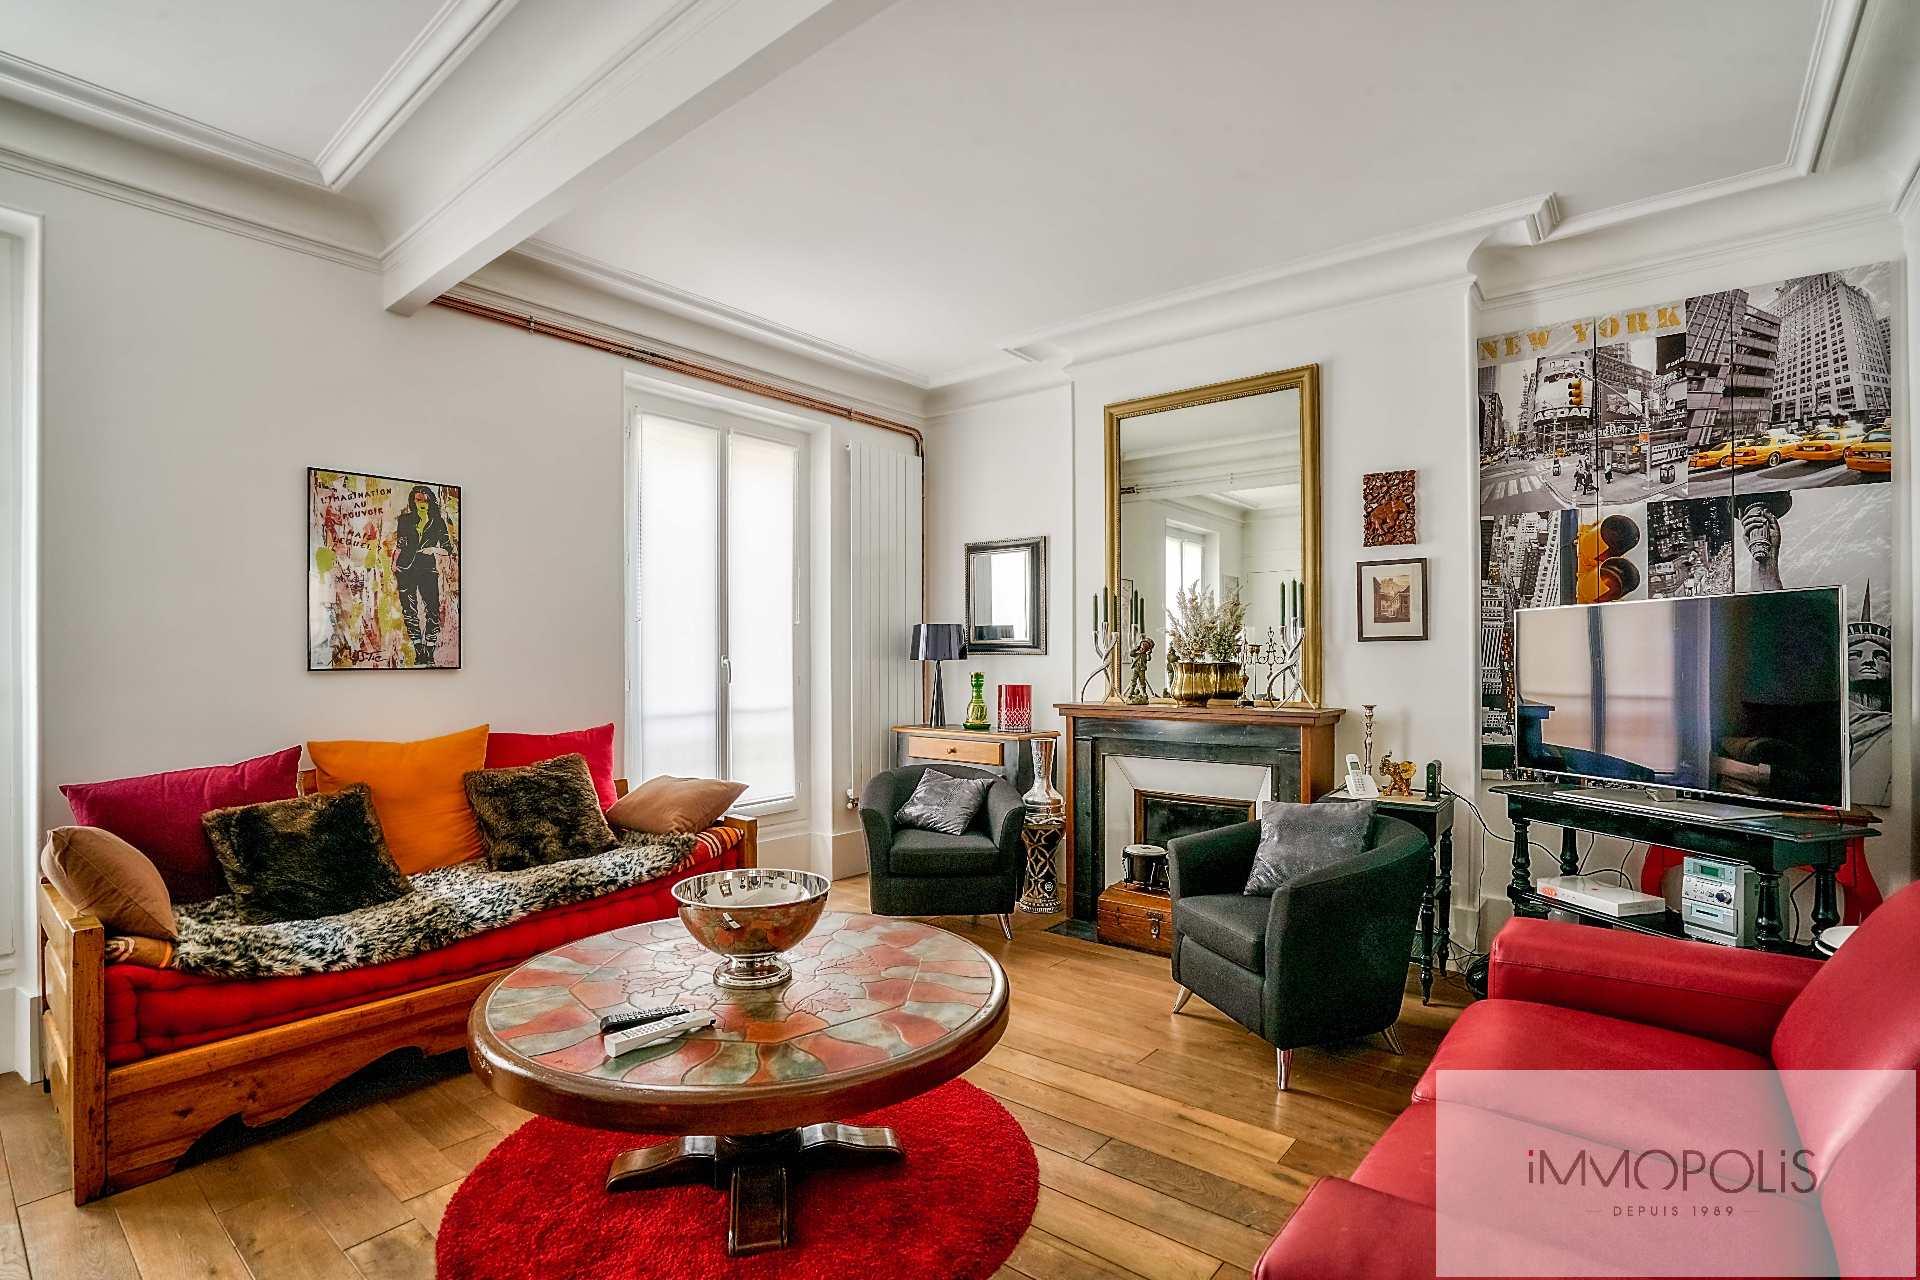 Superbe 3 pièces (1 chambre) à Montmartre, en 3e étage avec ascenseur : belles prestations ! 1